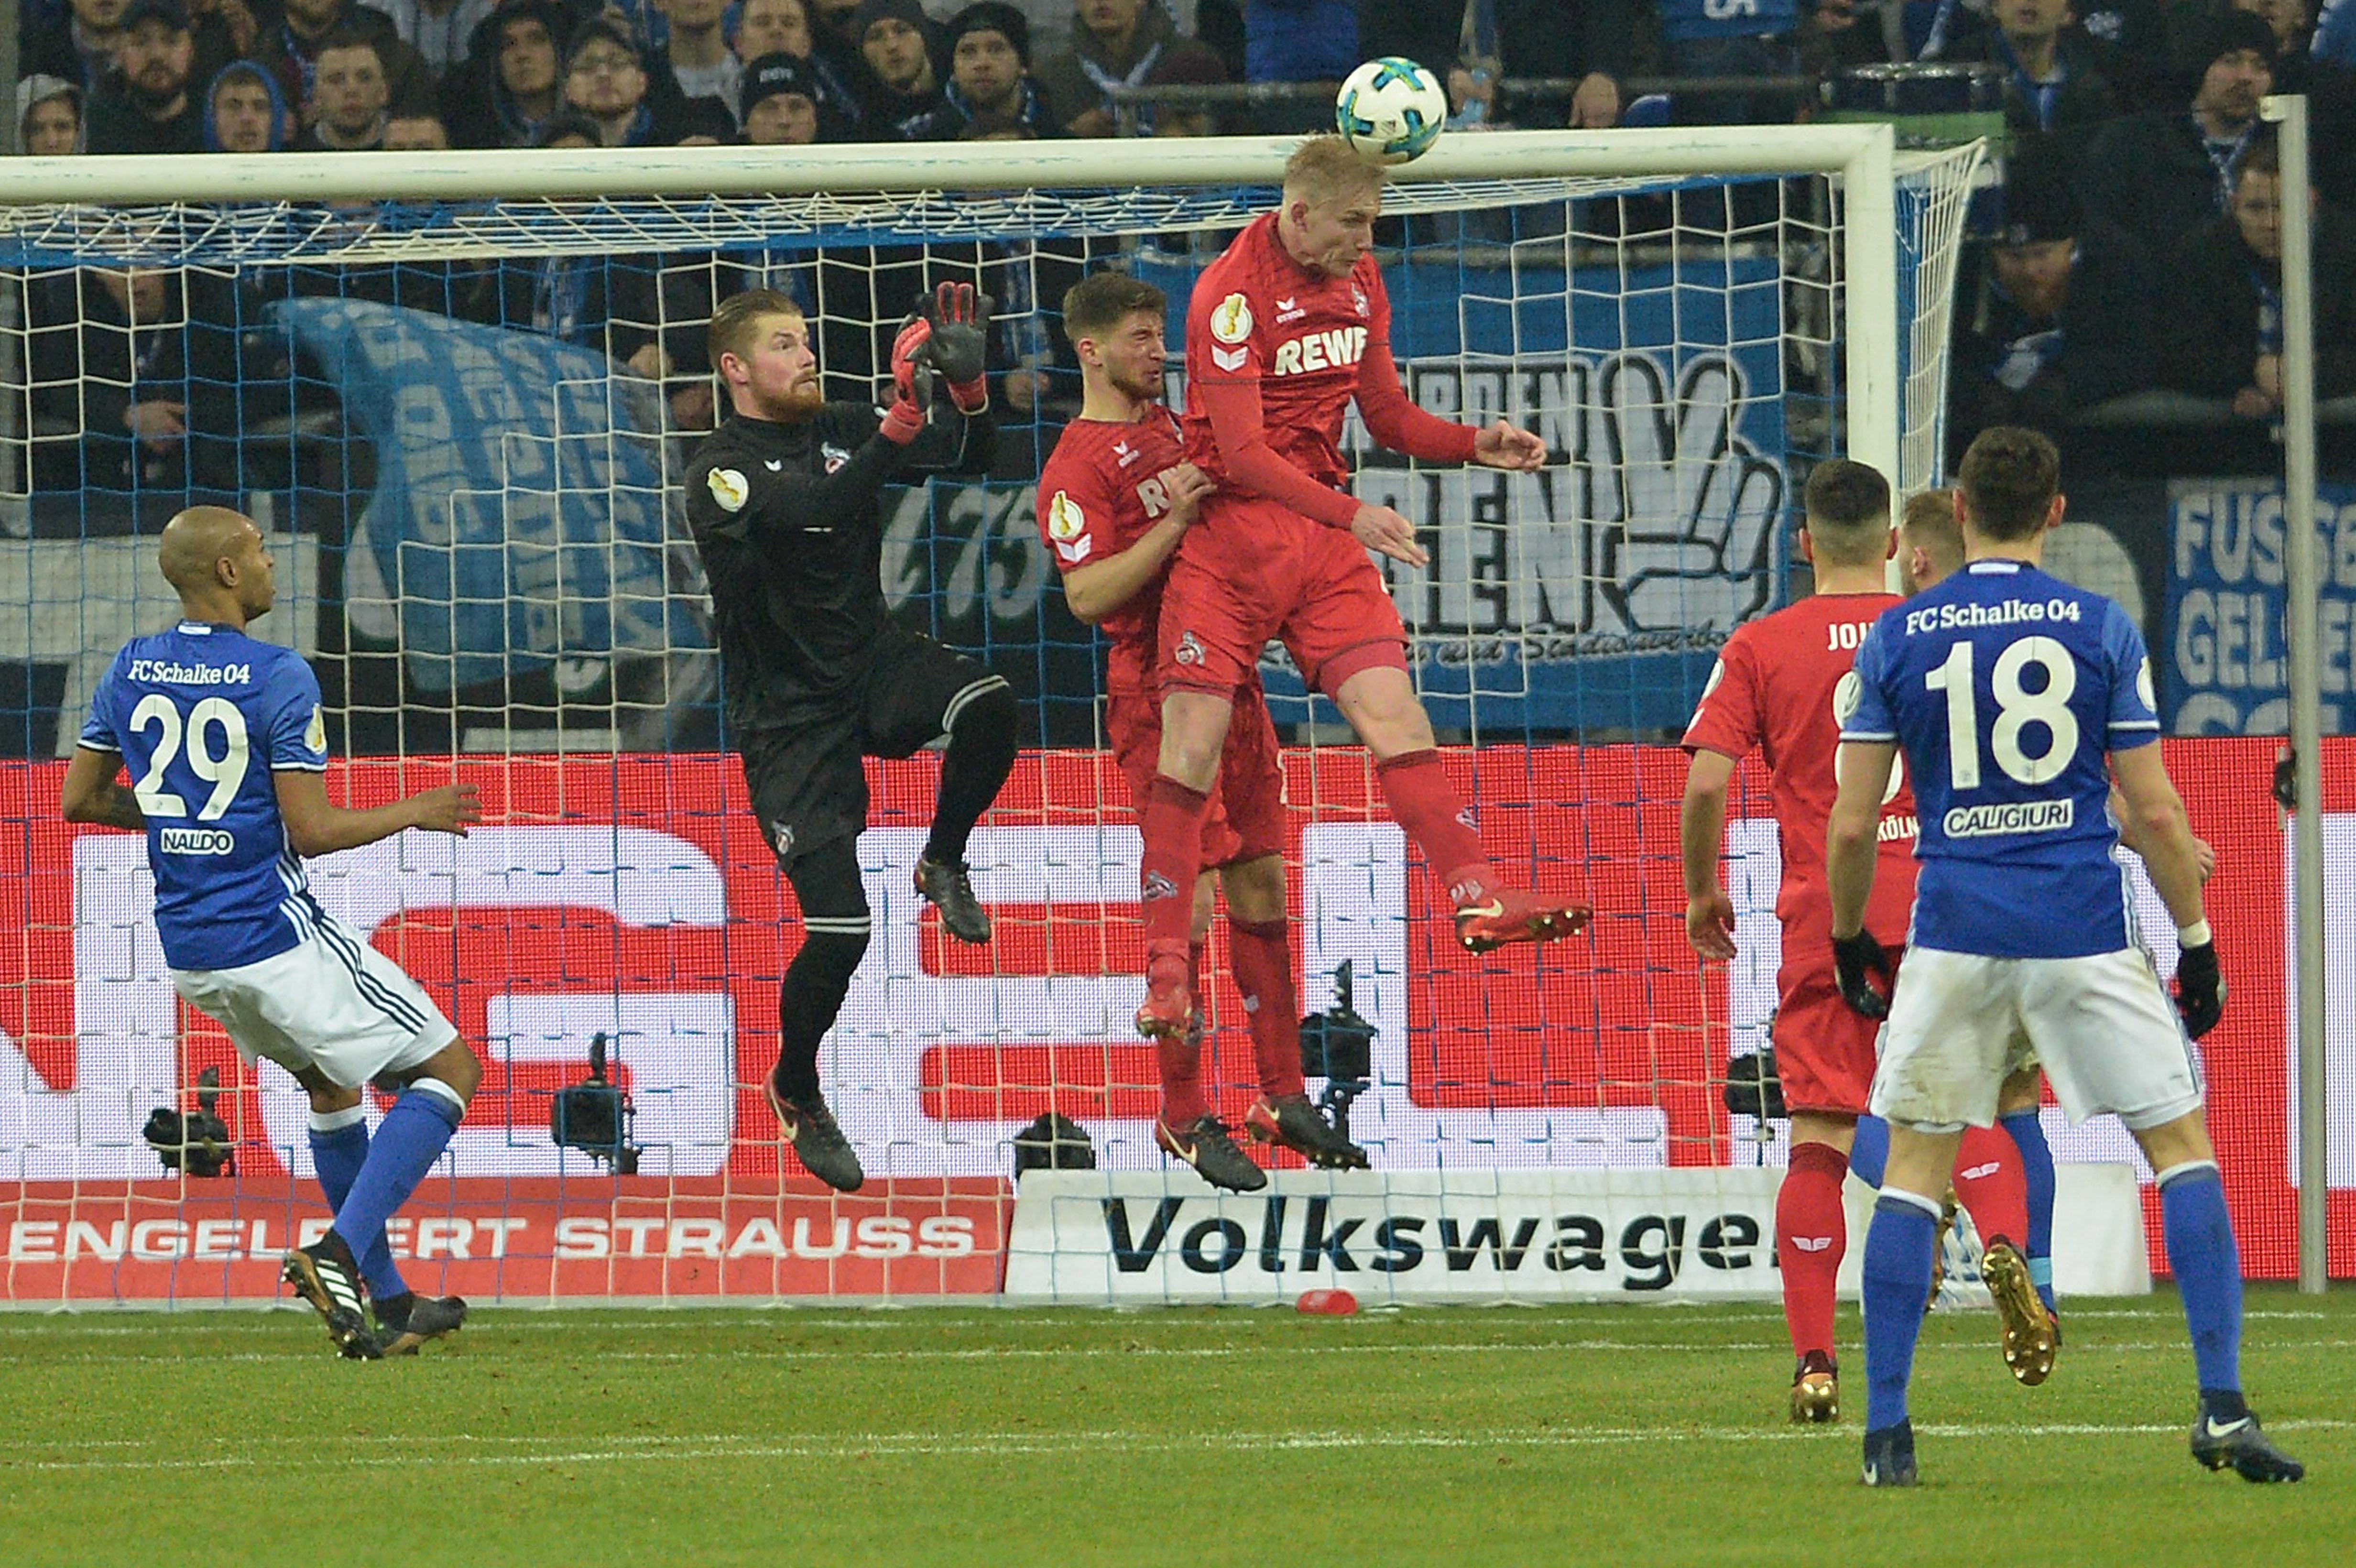 Bundesliga im Live-Stream: Fußball-Saison 2017/18 online sehen, so geht's